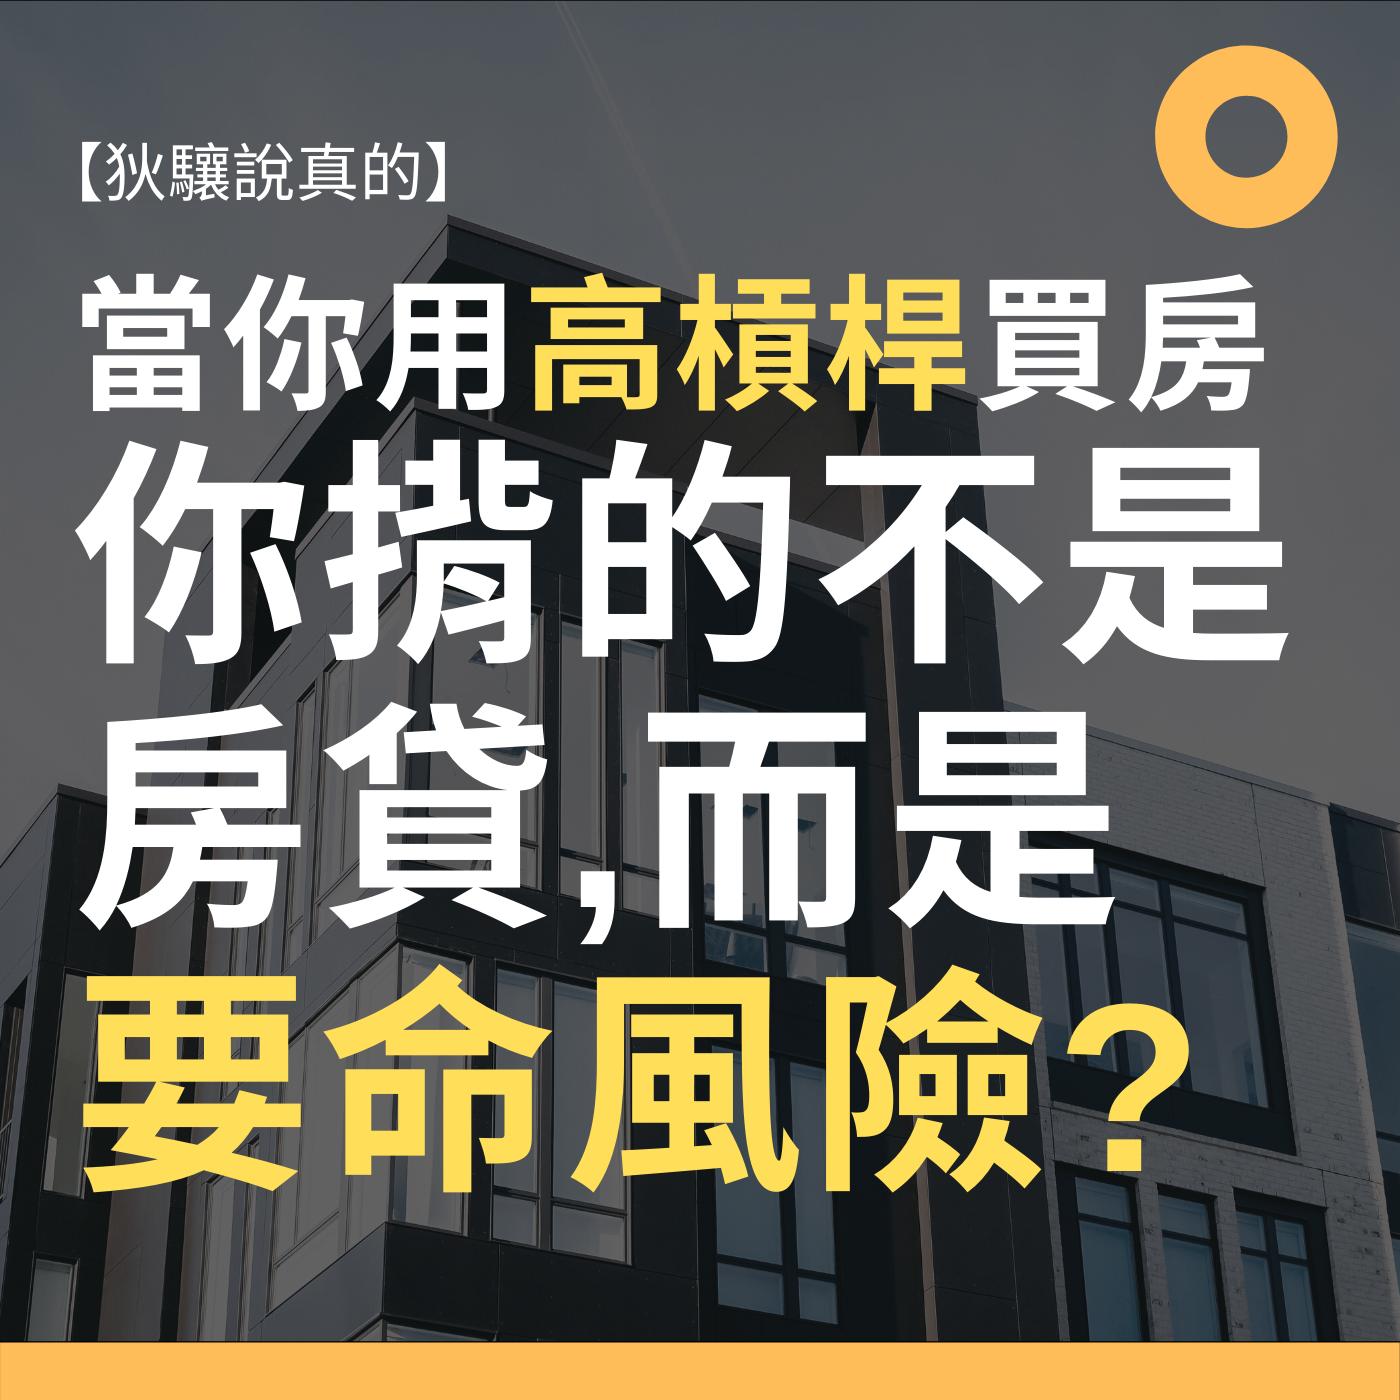 【狄驤說真的】當你用高槓桿買房,你揹的不是房貸,而是要命風險?